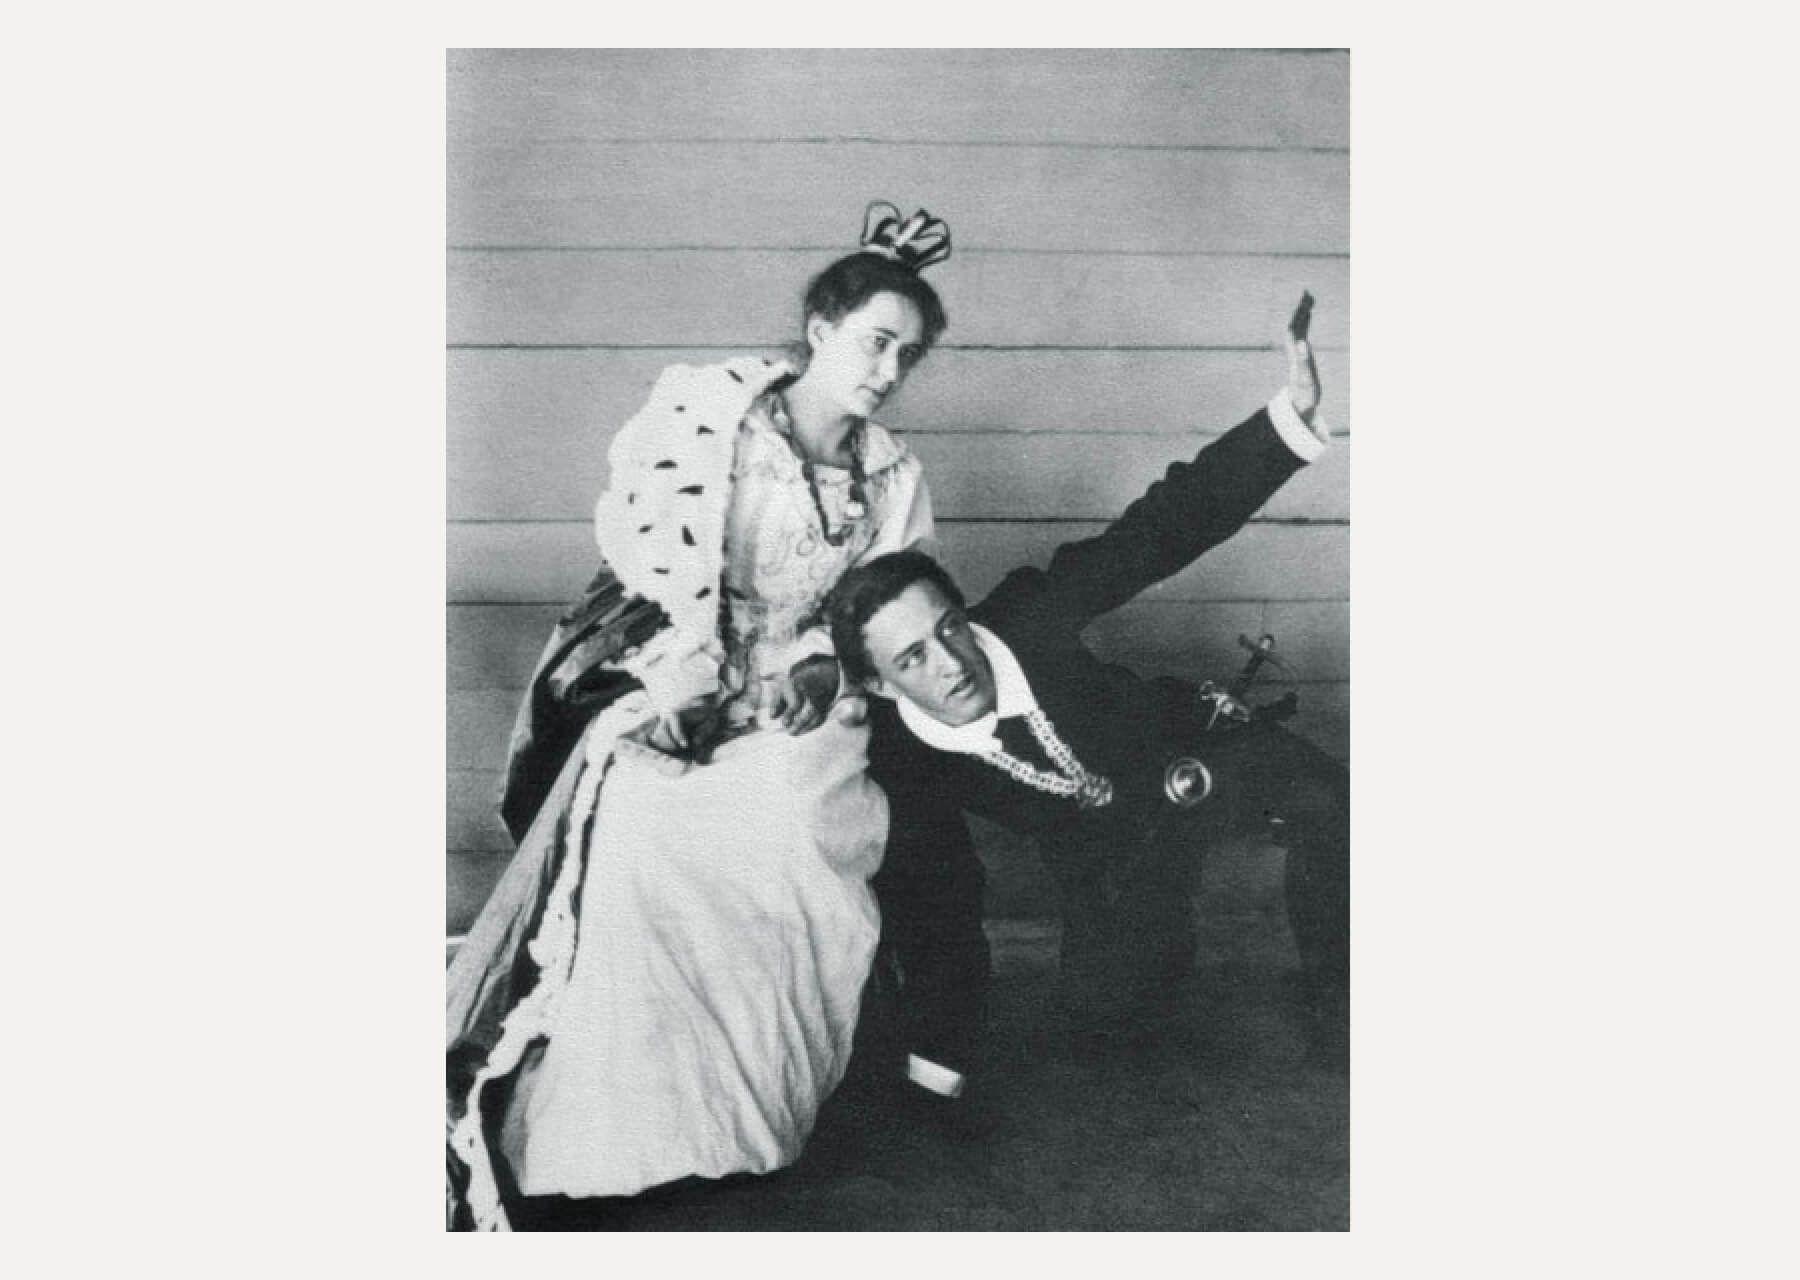 Любовь Блок с Александром Блоком в любительском спектакле / ru.wikipedia.org